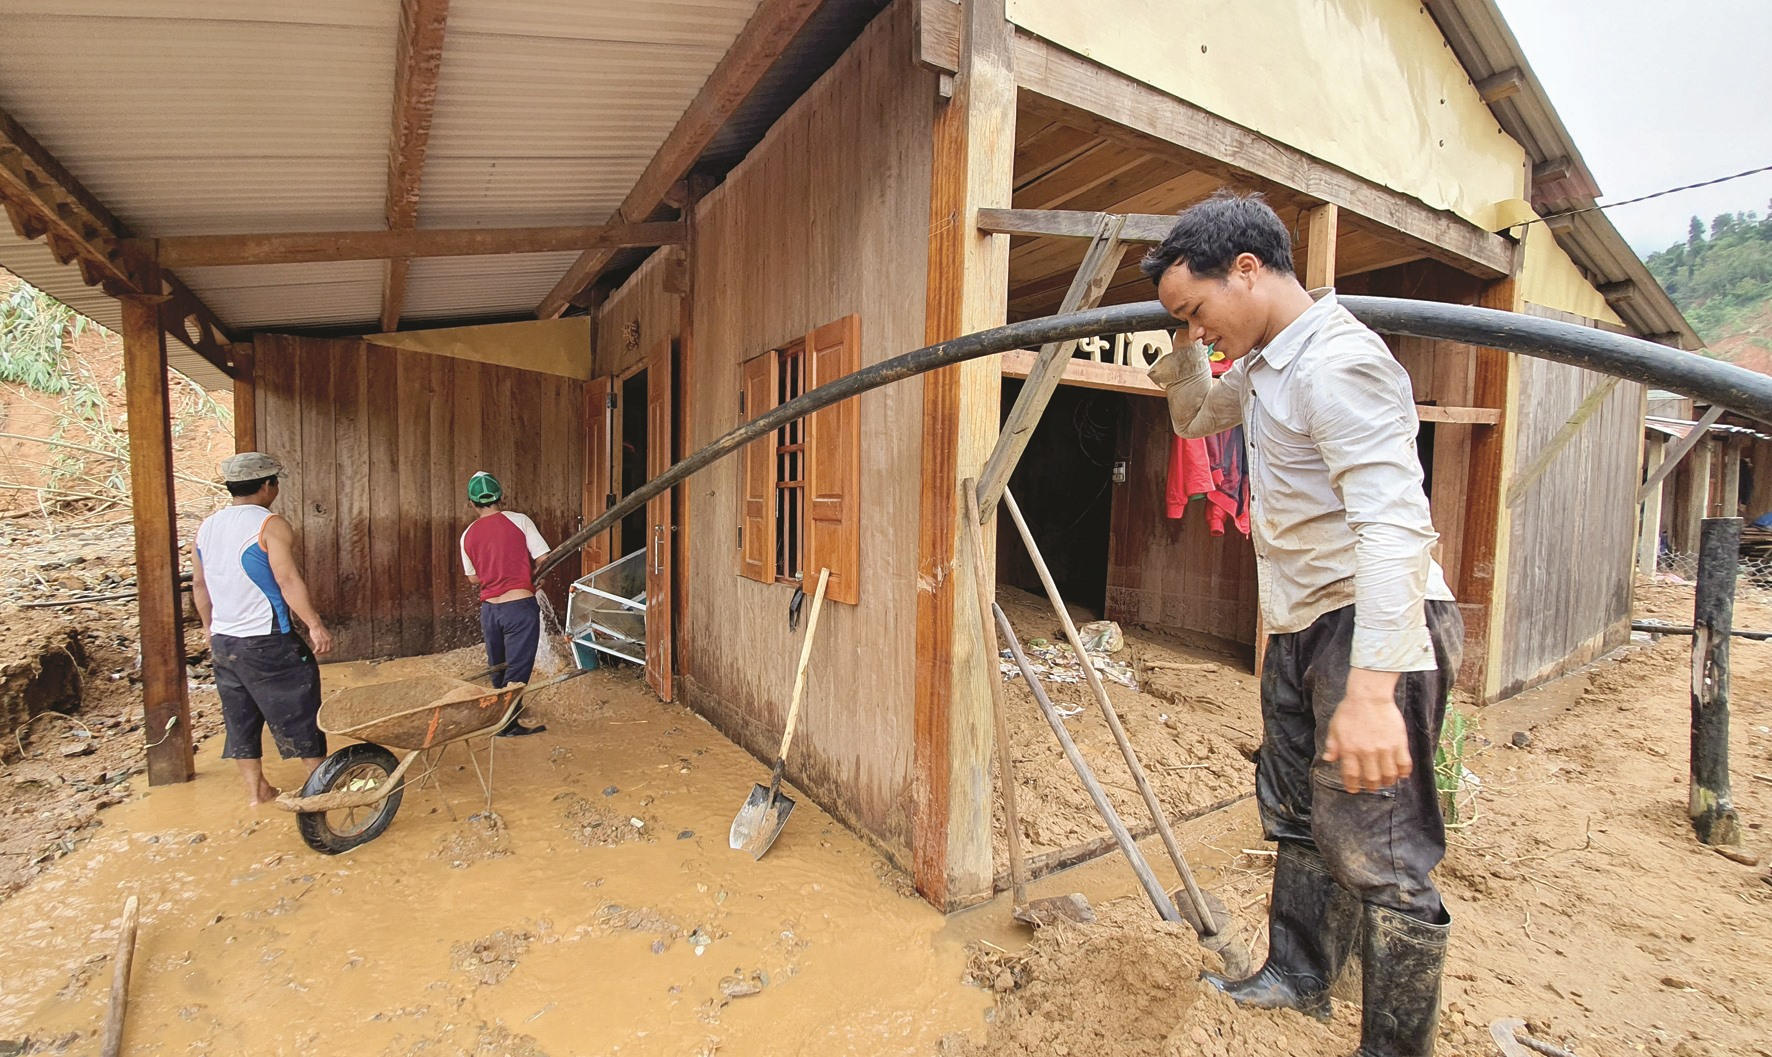 Hồ Văn Êm vác ống nước lớn dẫn từ khe suối về để dội bớt lớp bùn dày lấp kín căn nhà gỗ của mình tại làng Triên.